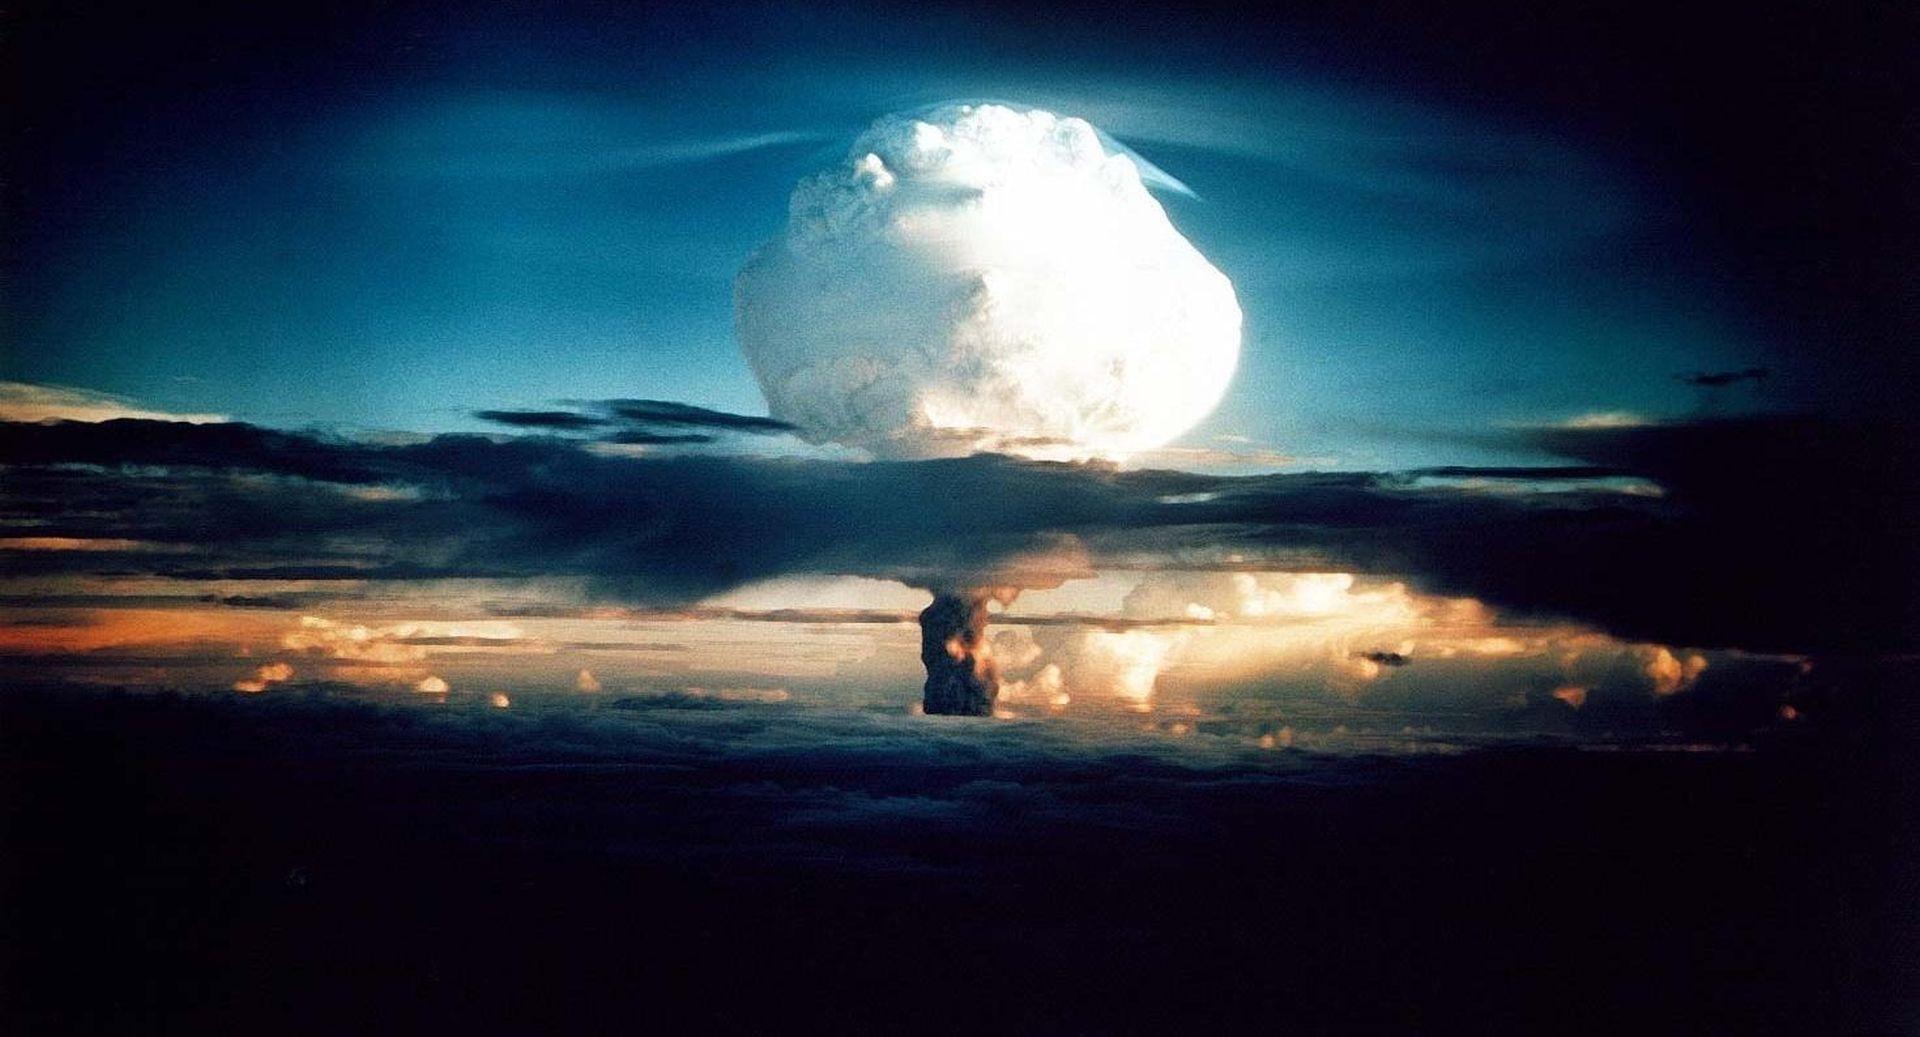 FELJTON Heroji koji su spasili svijet od Hitlerove atomske bombe